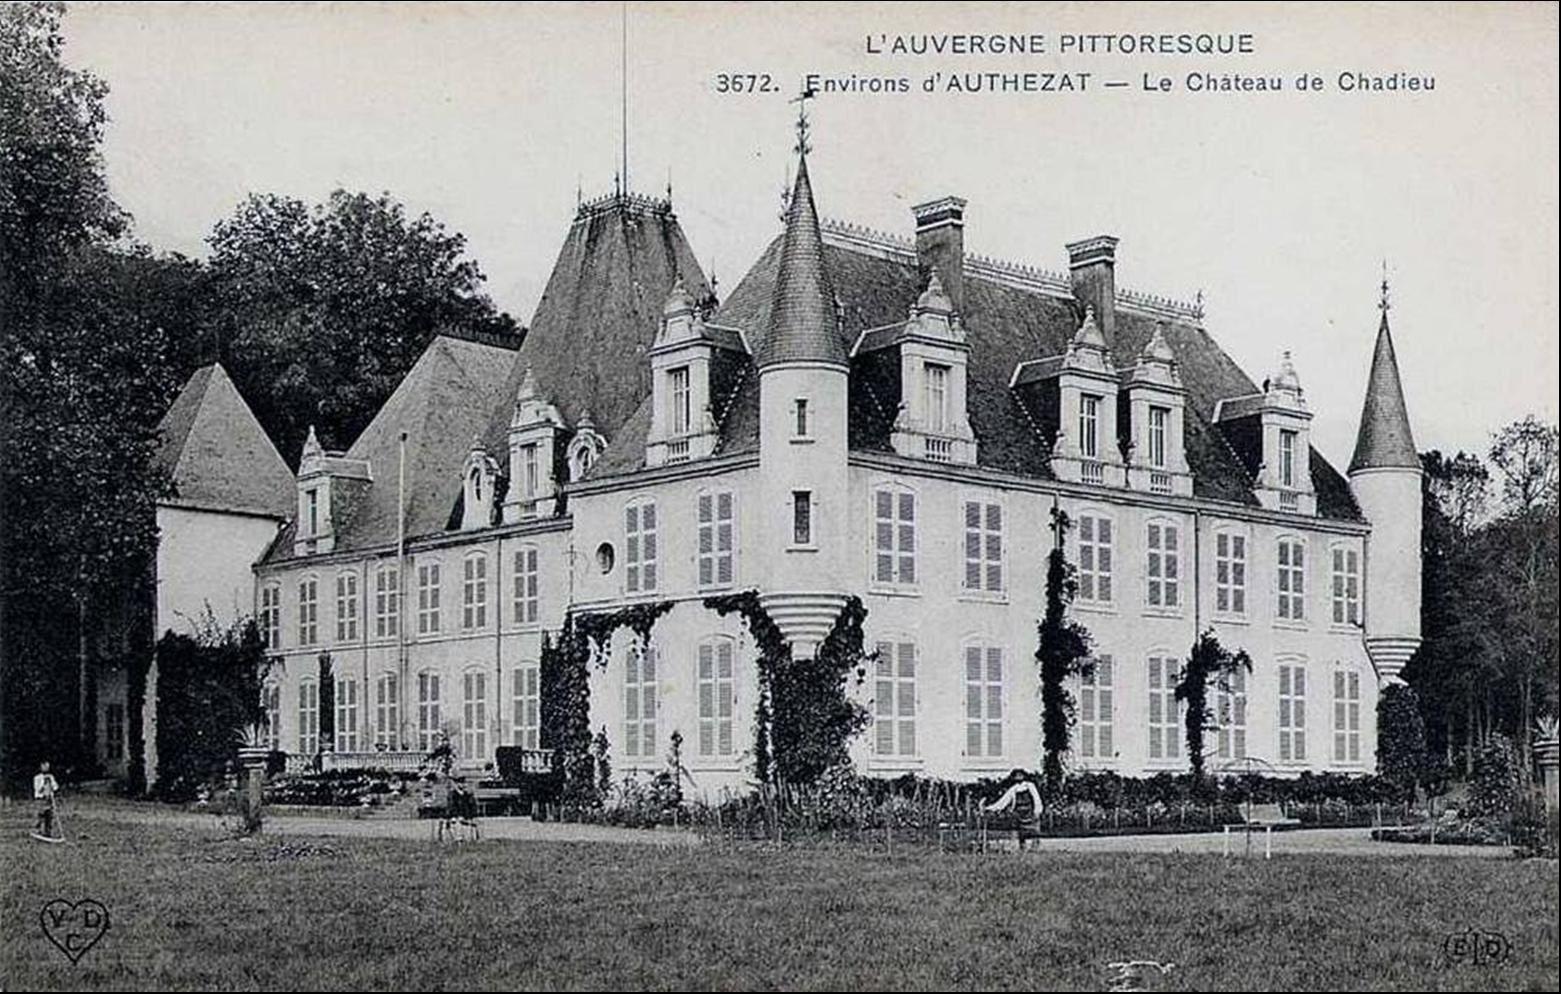 Le chateau de Chadieu